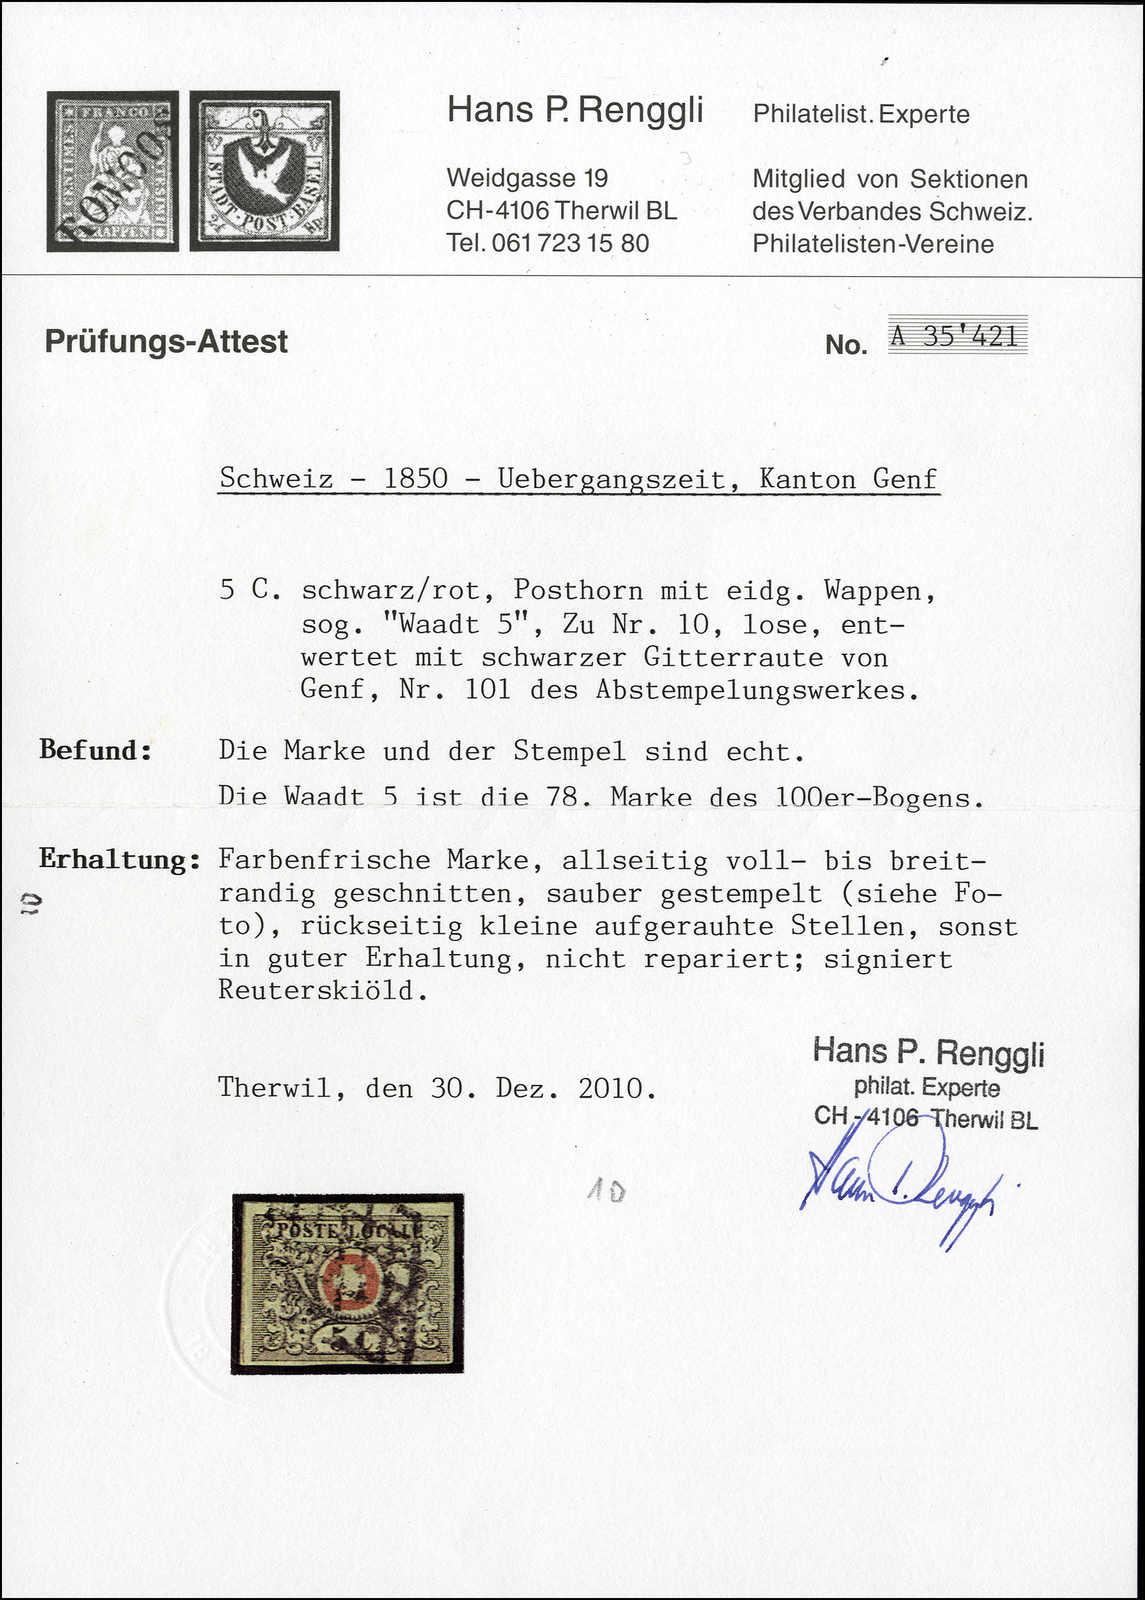 Lot 9 - sammlungen und posten sammlungen und posten altschweiz -  Rolli Auctions Auction #68 Day 1